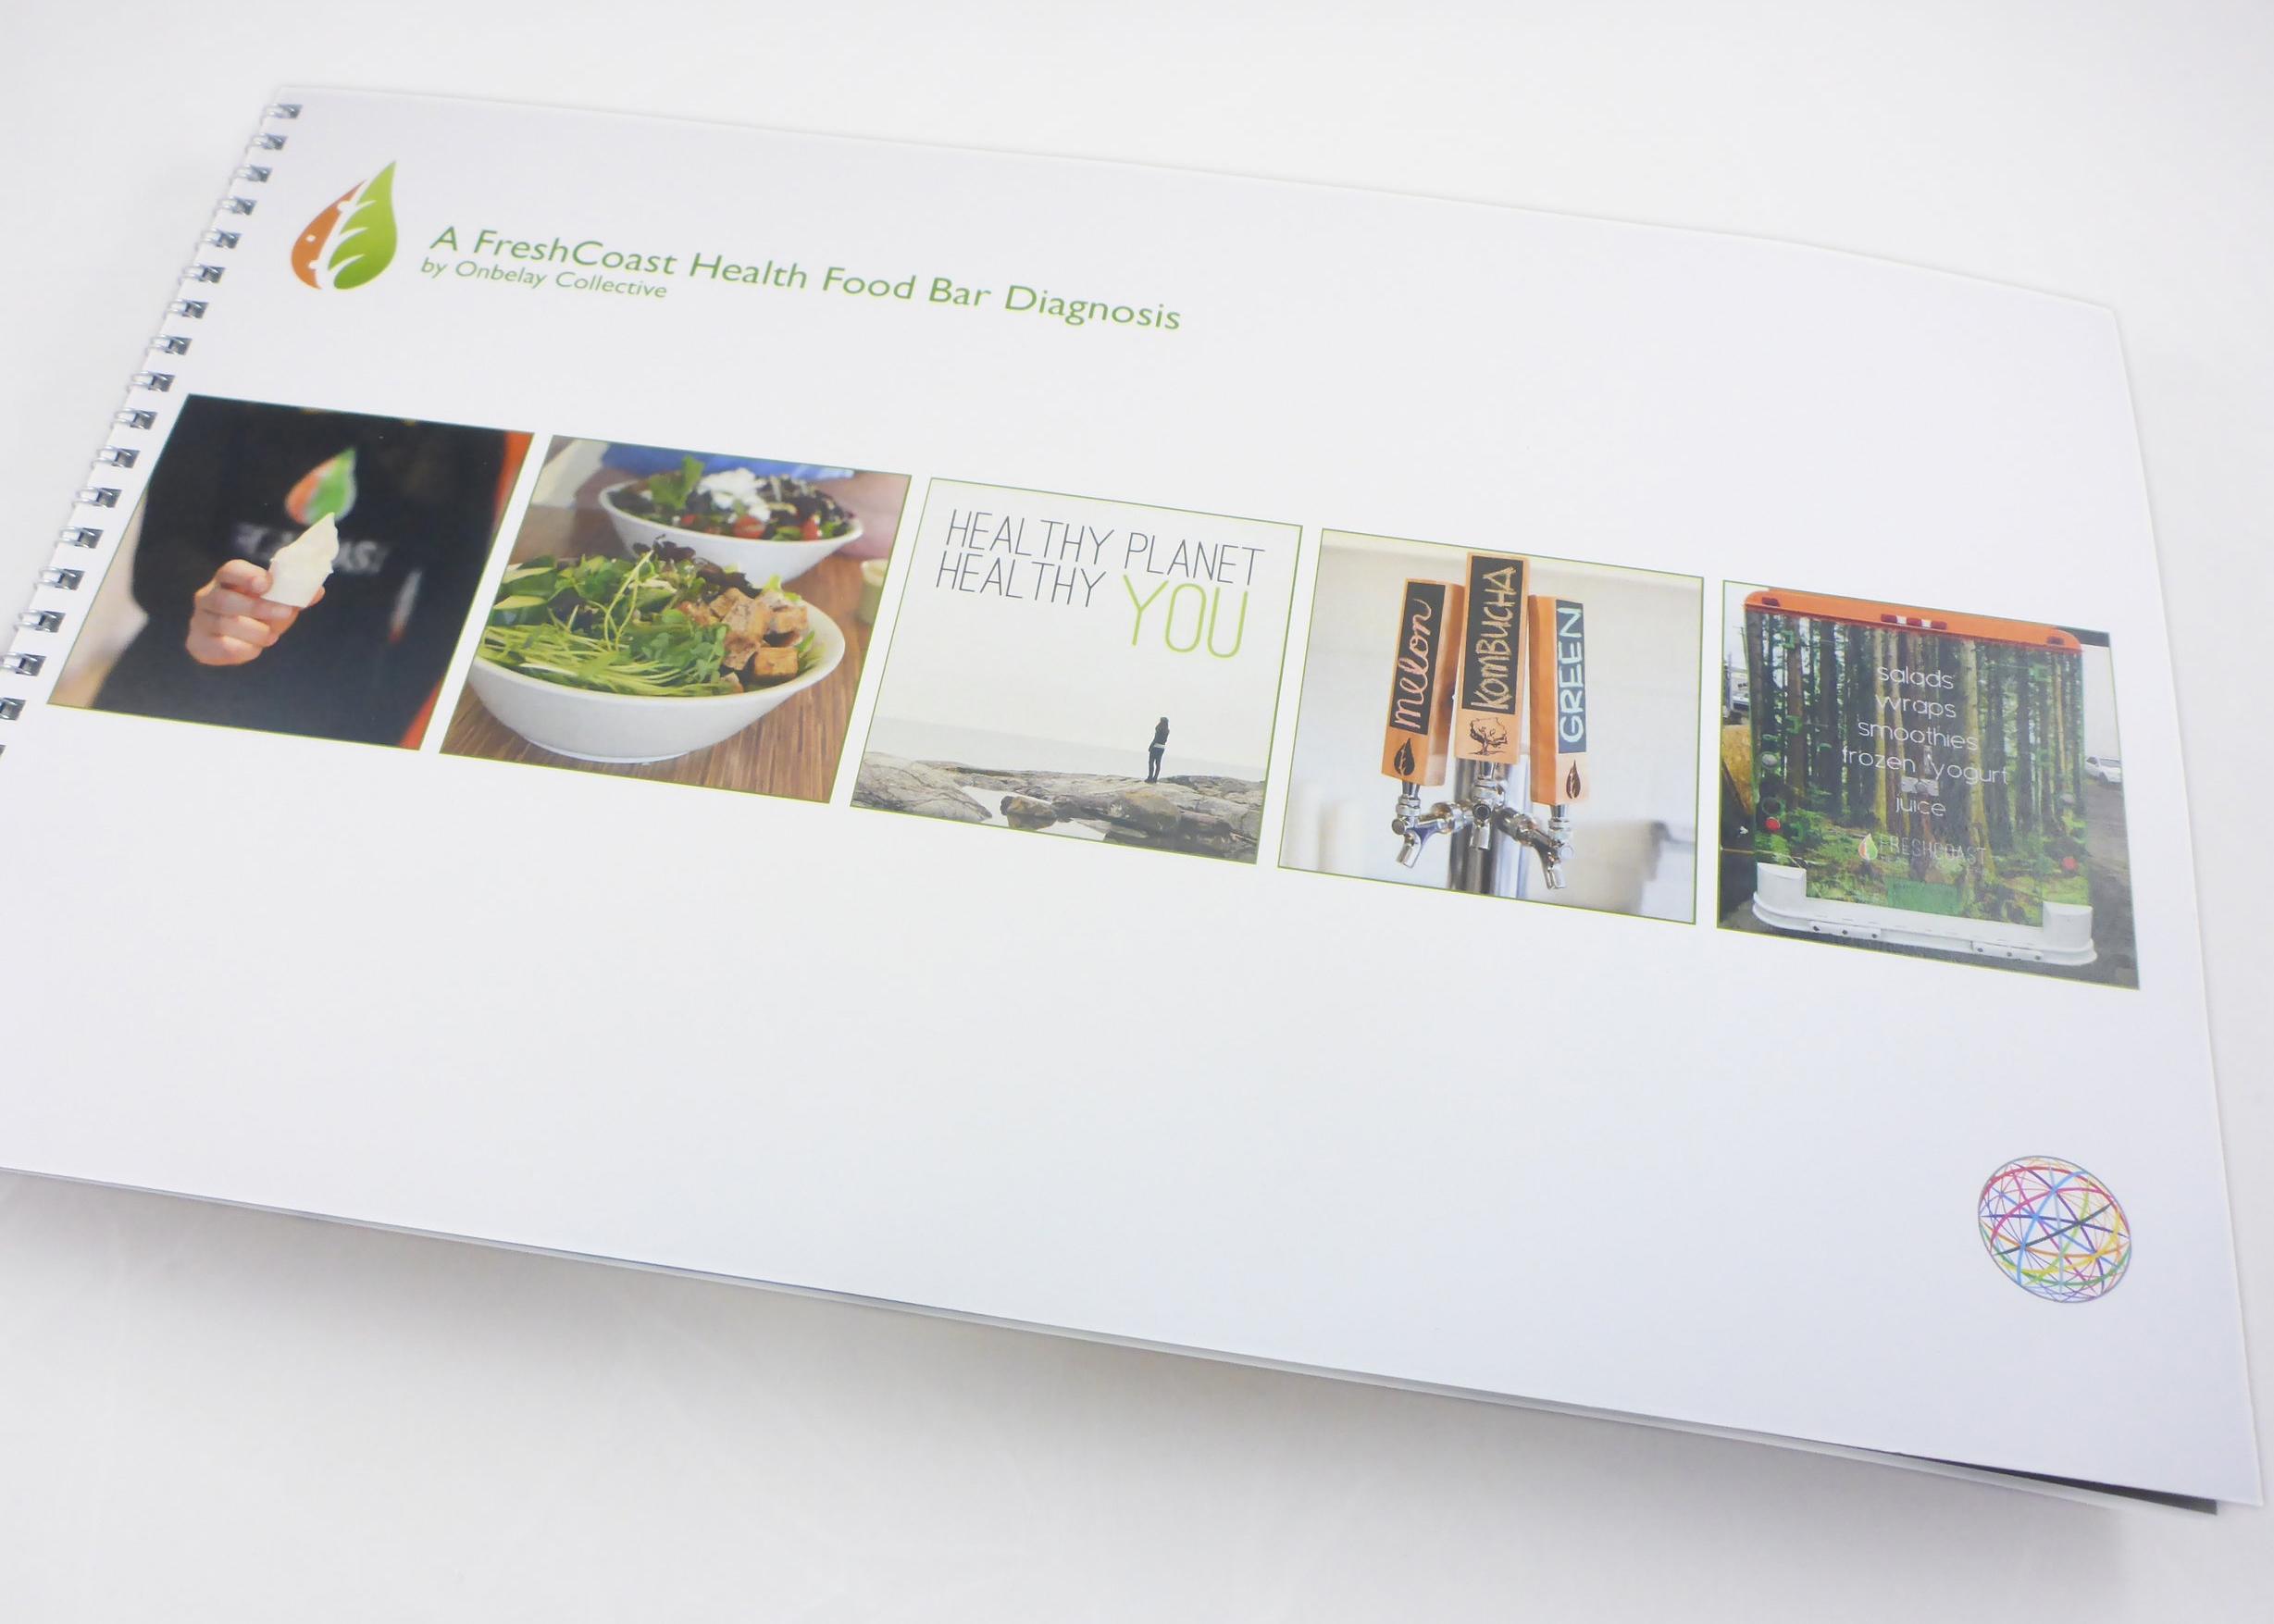 FreshCoast Health Food Bar Diagnosis